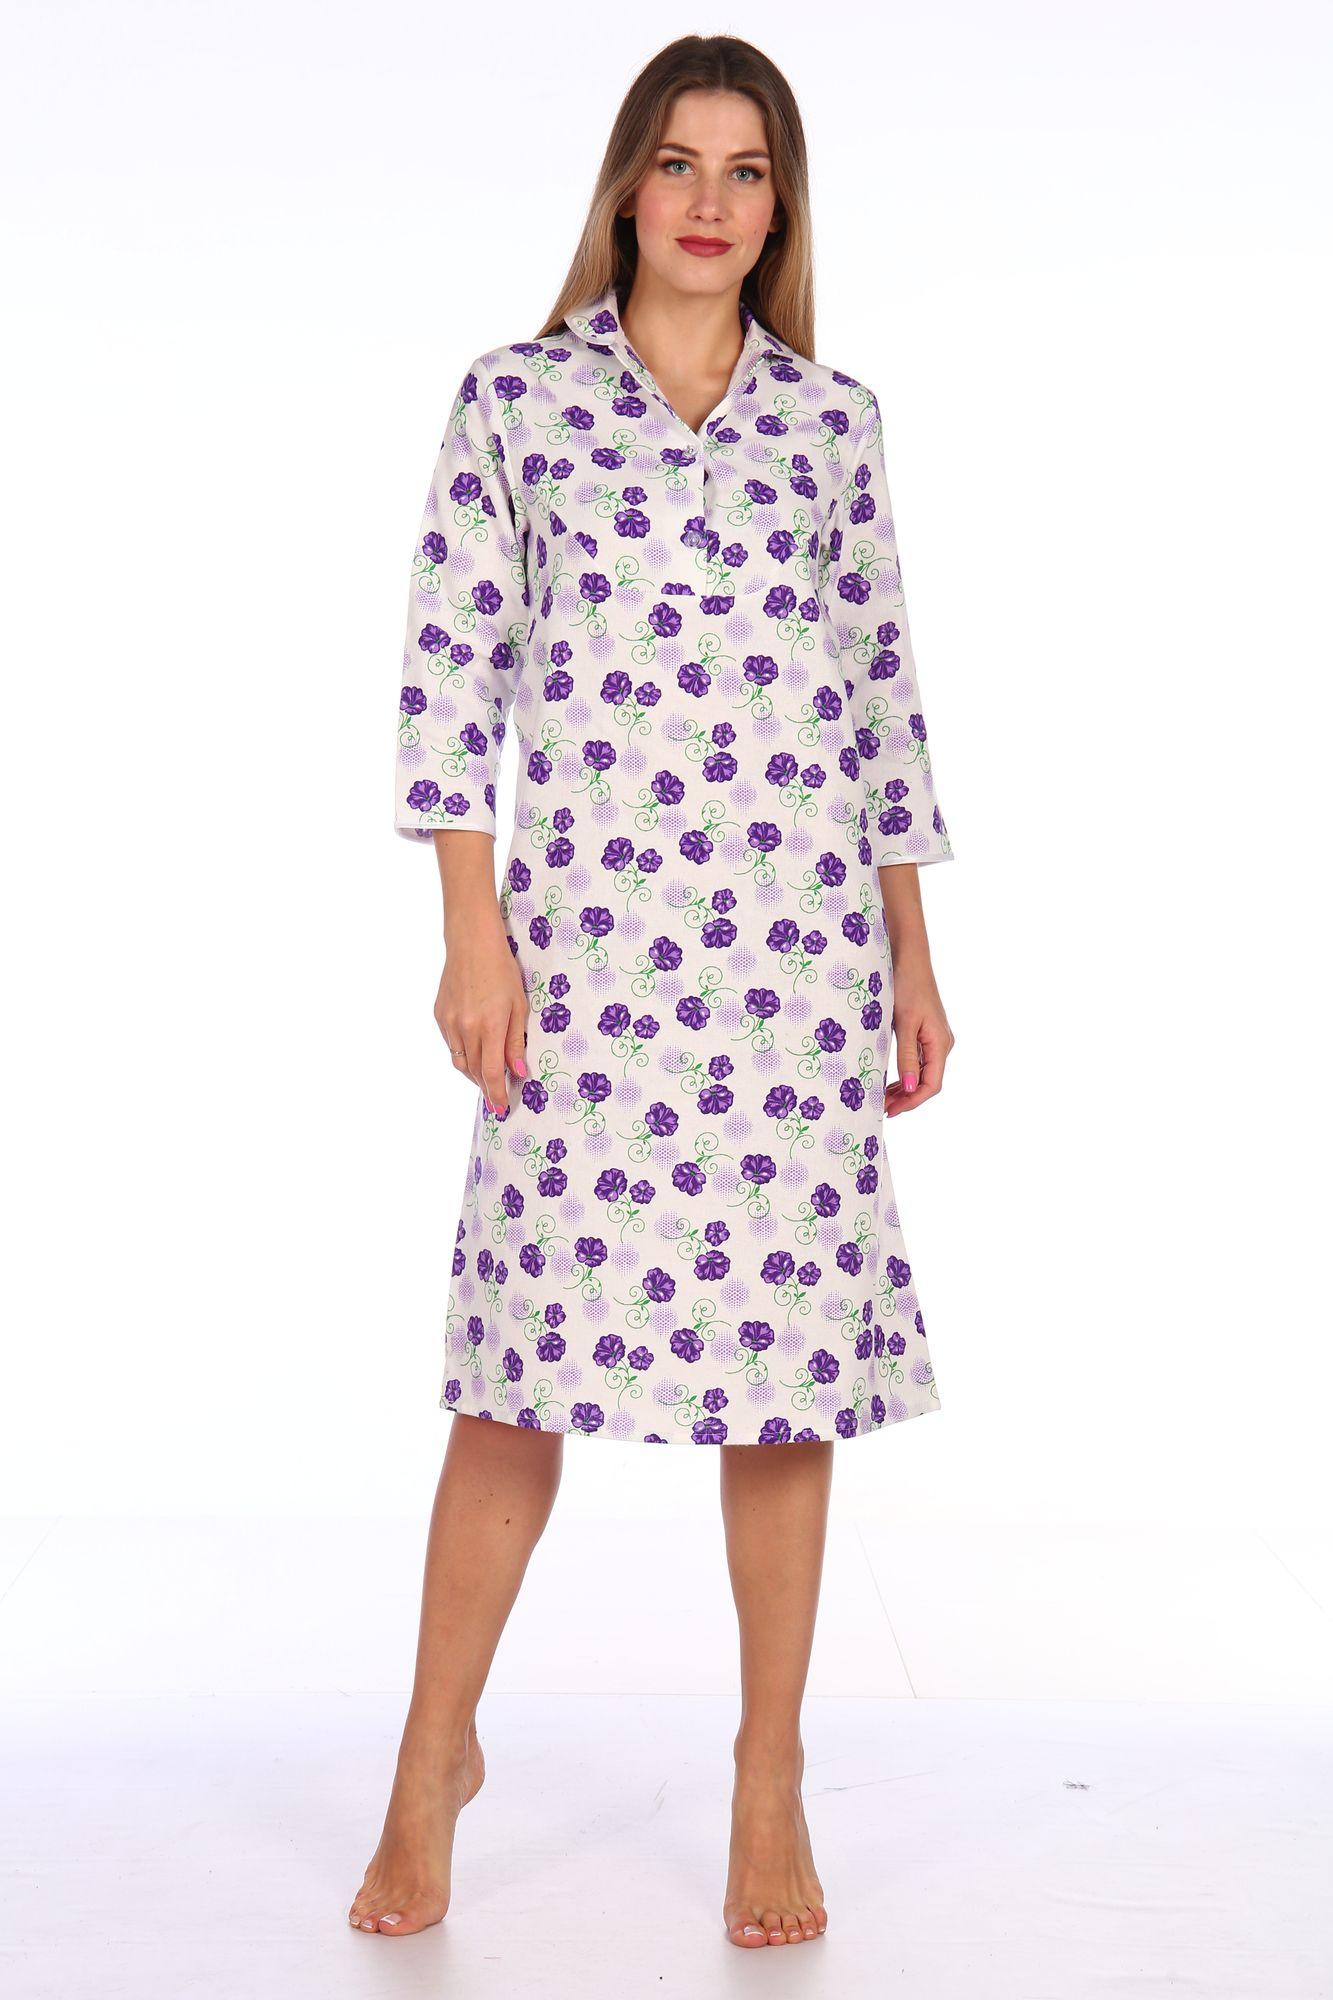 Сорочка ночная женская,модель 411,фланель (Цветы, сиреневый )